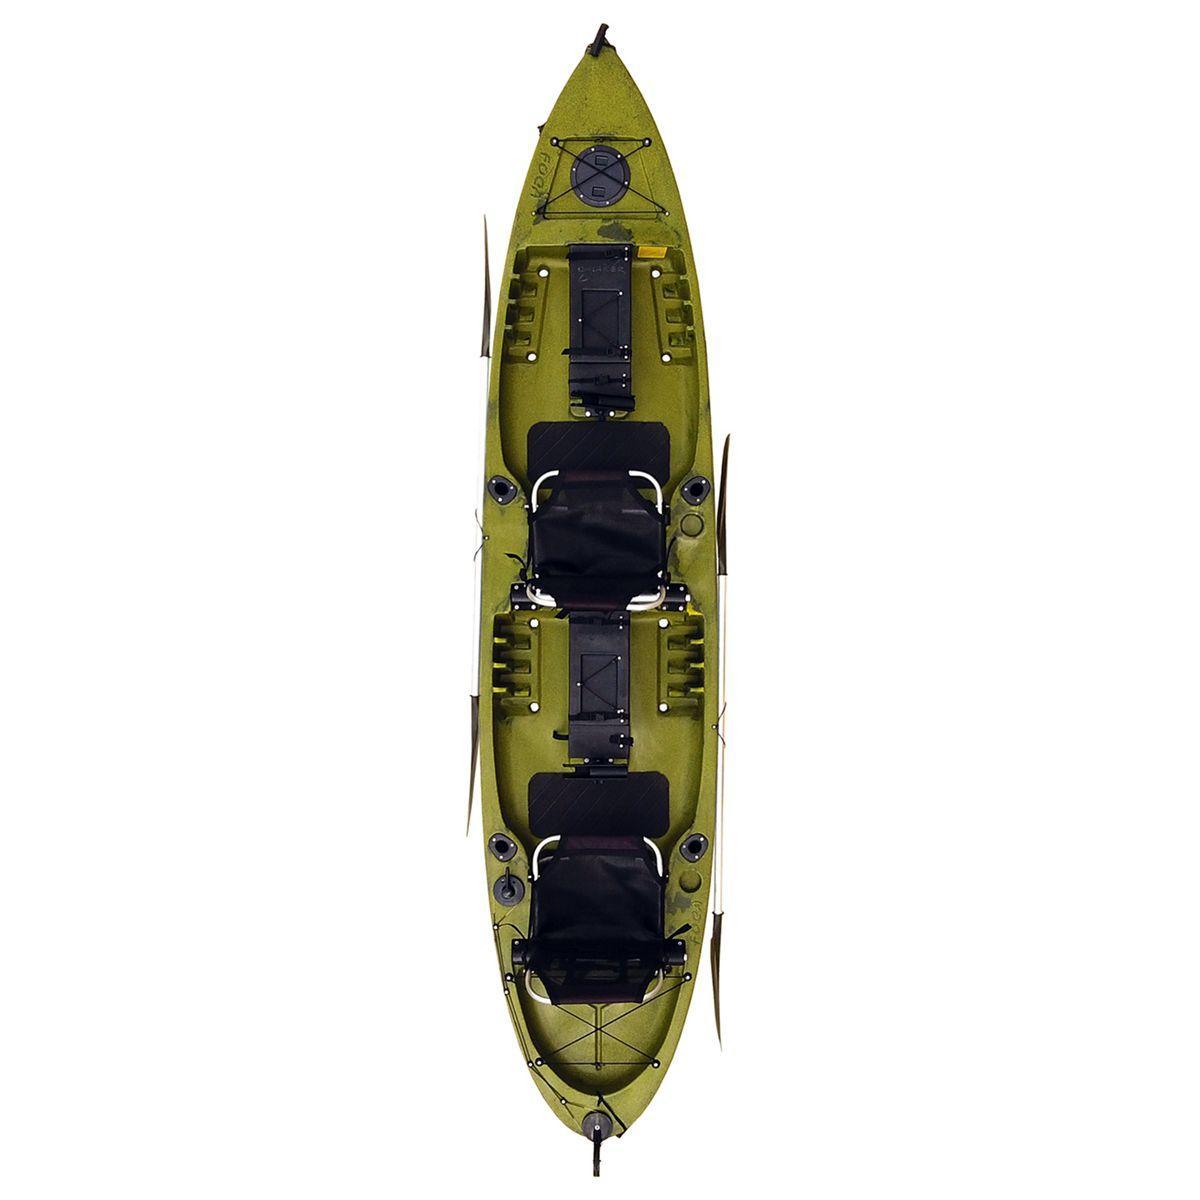 ba088d4c3 Caiaque De Pesca New Foca Fishing 2 Lugares Verde Camuflado Caiaker Produto  não disponível